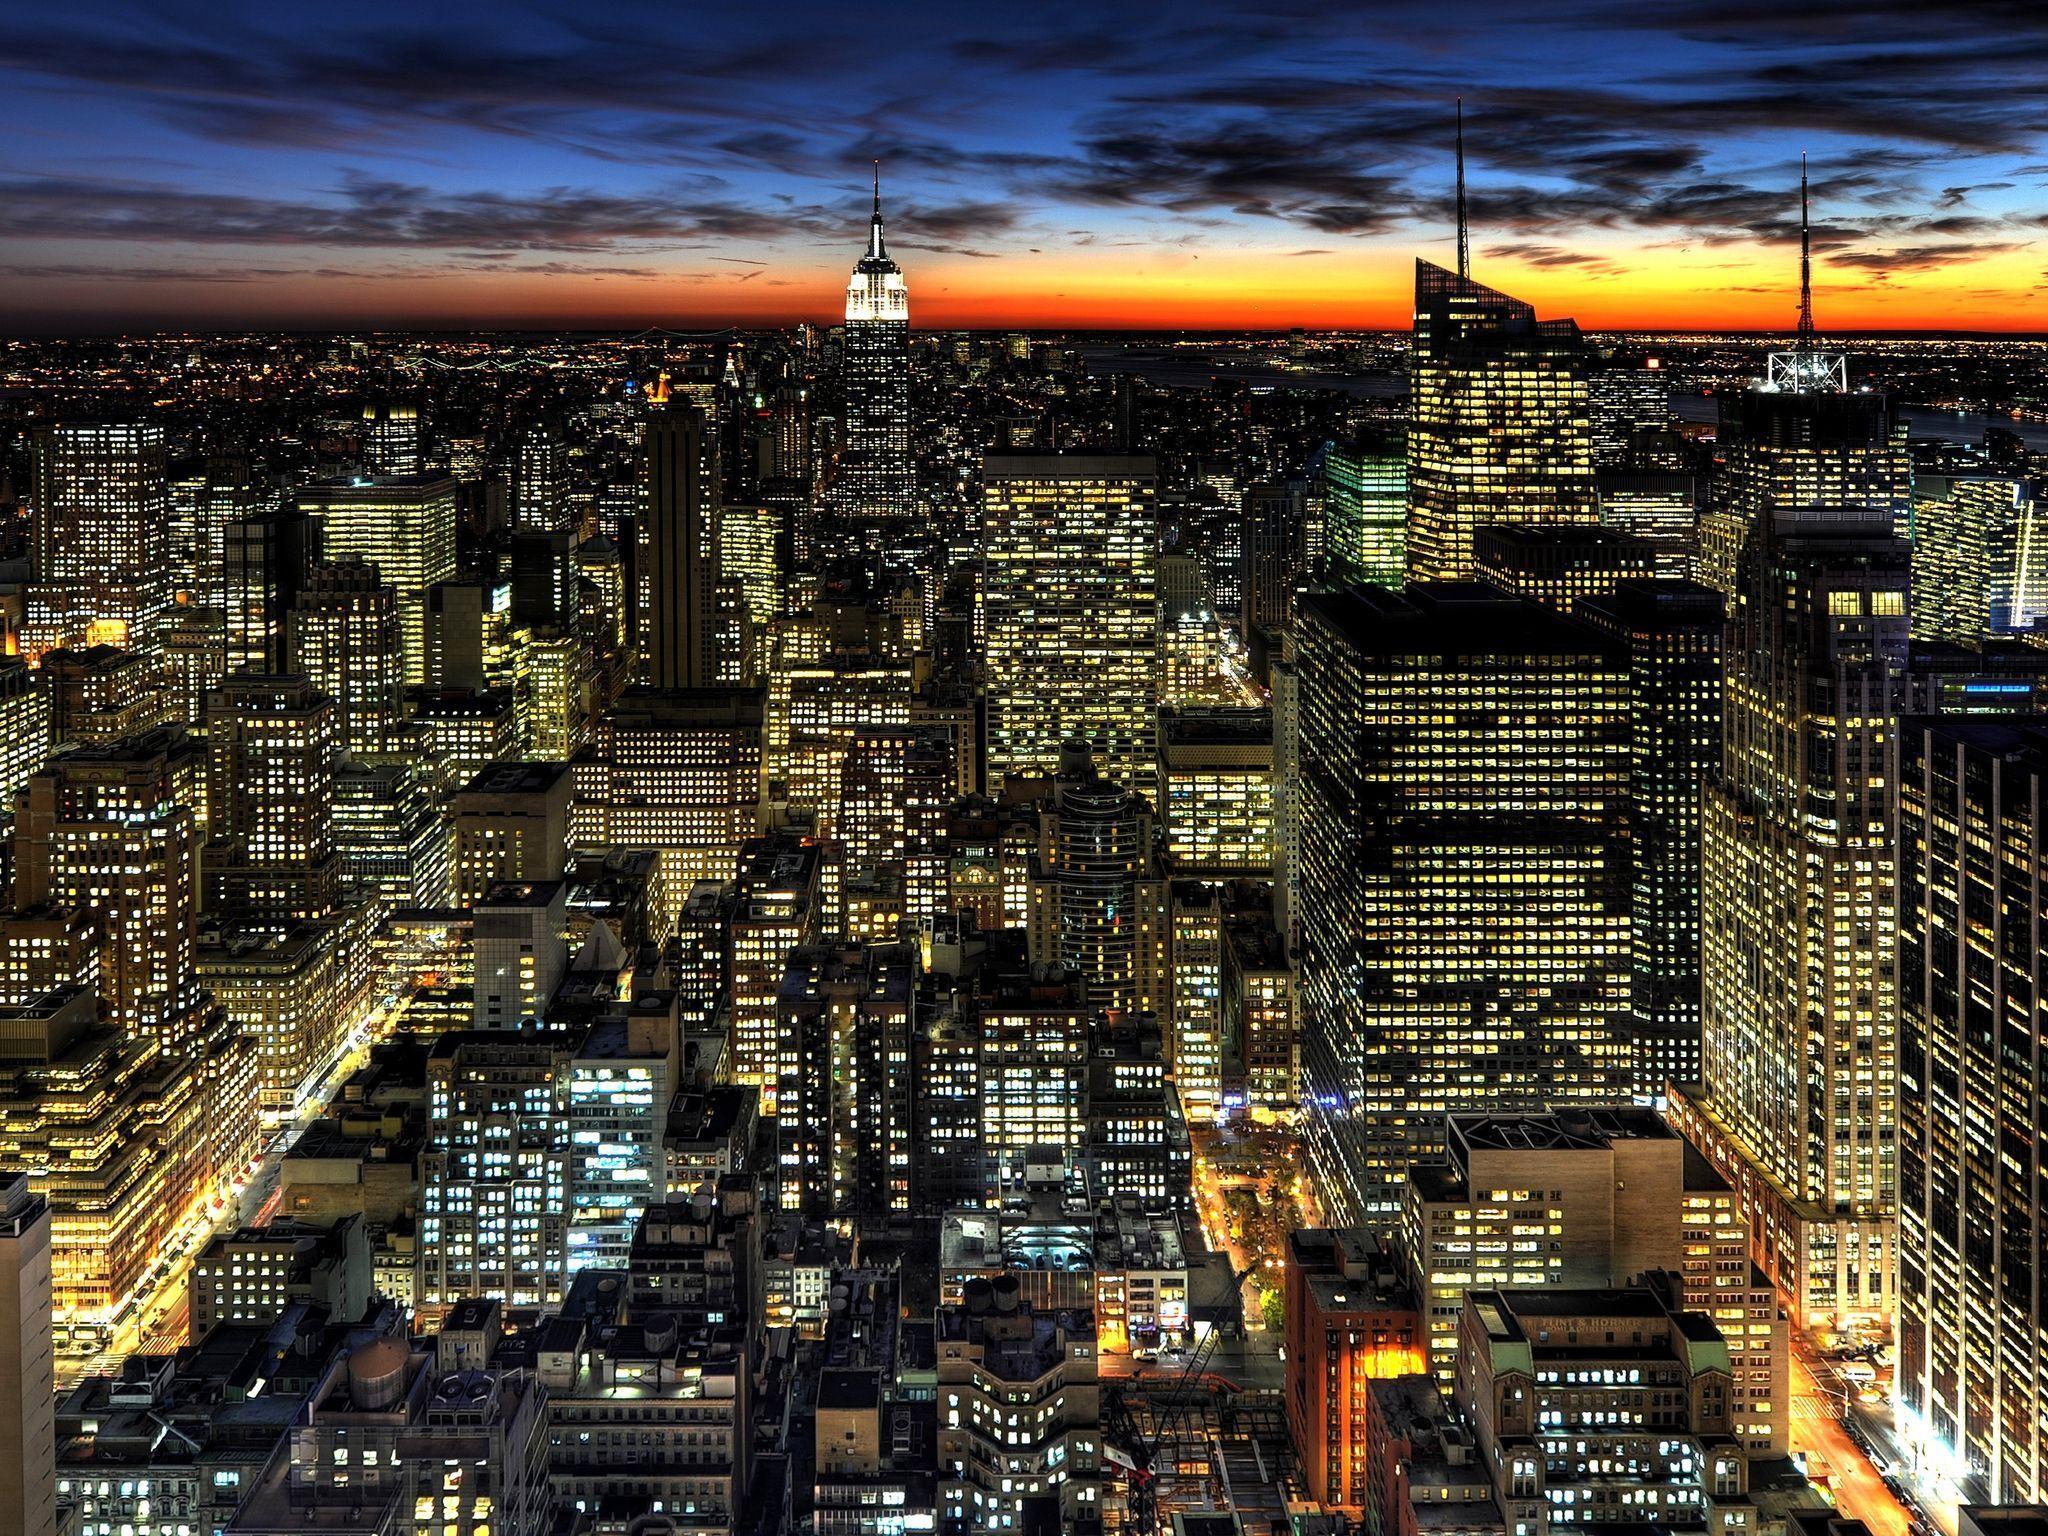 фото города скачать